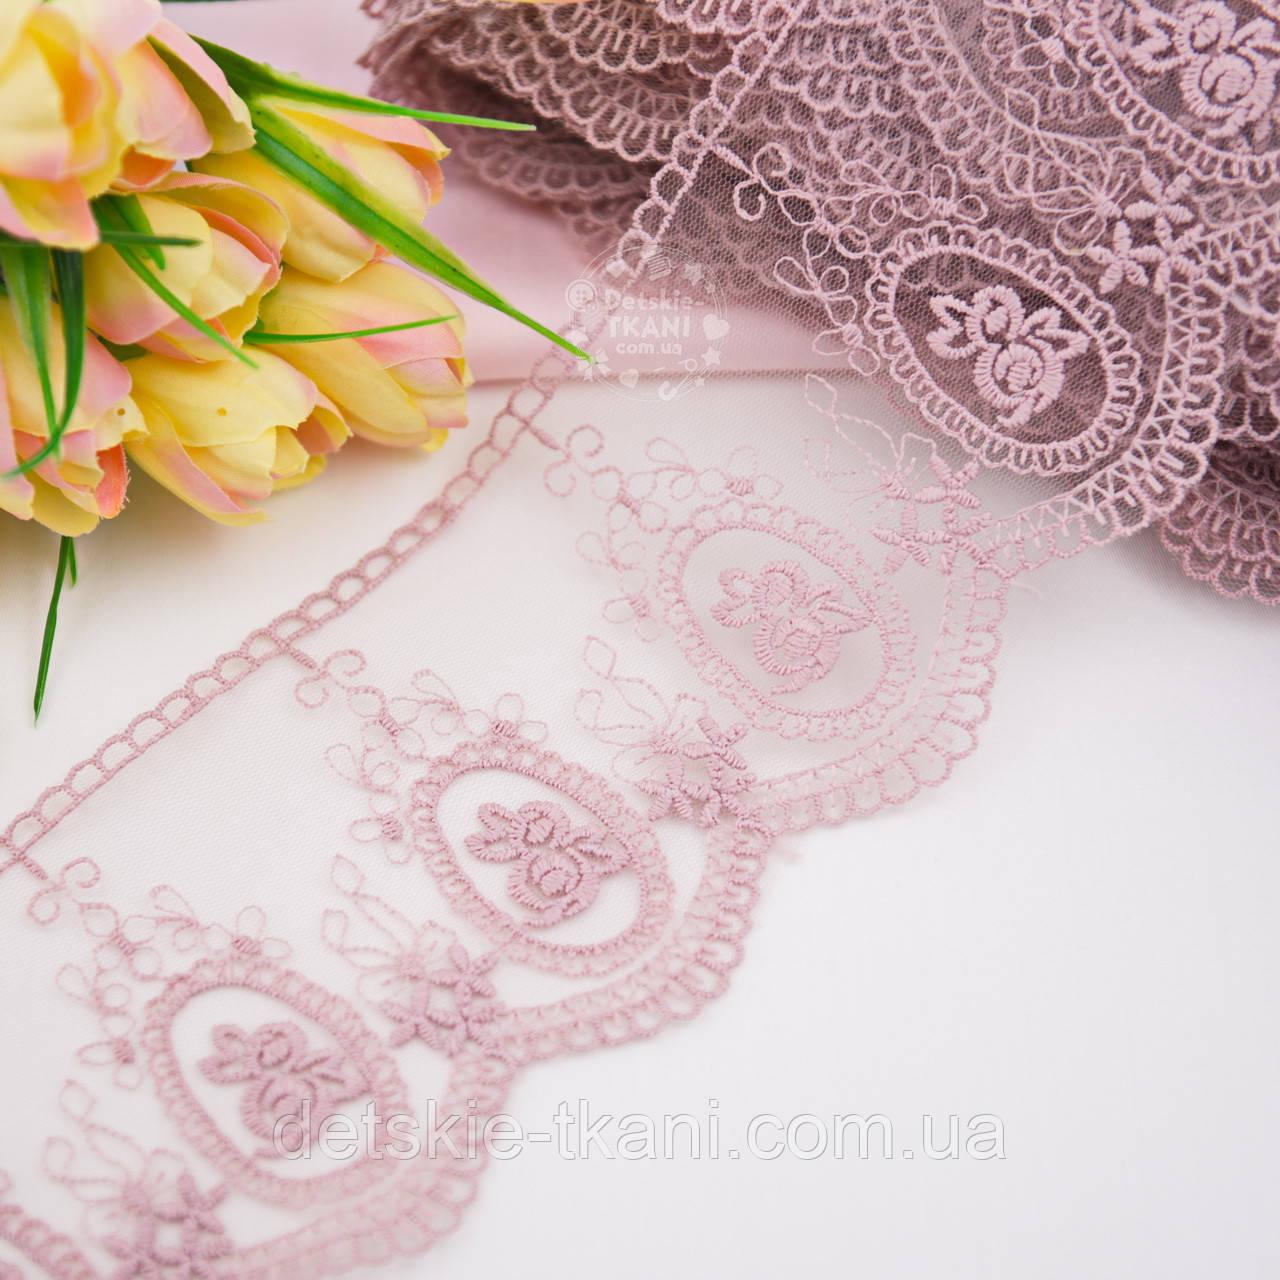 """Кружево """"Камея с розочками"""" цвет пыльной розы, ширина 10 см."""